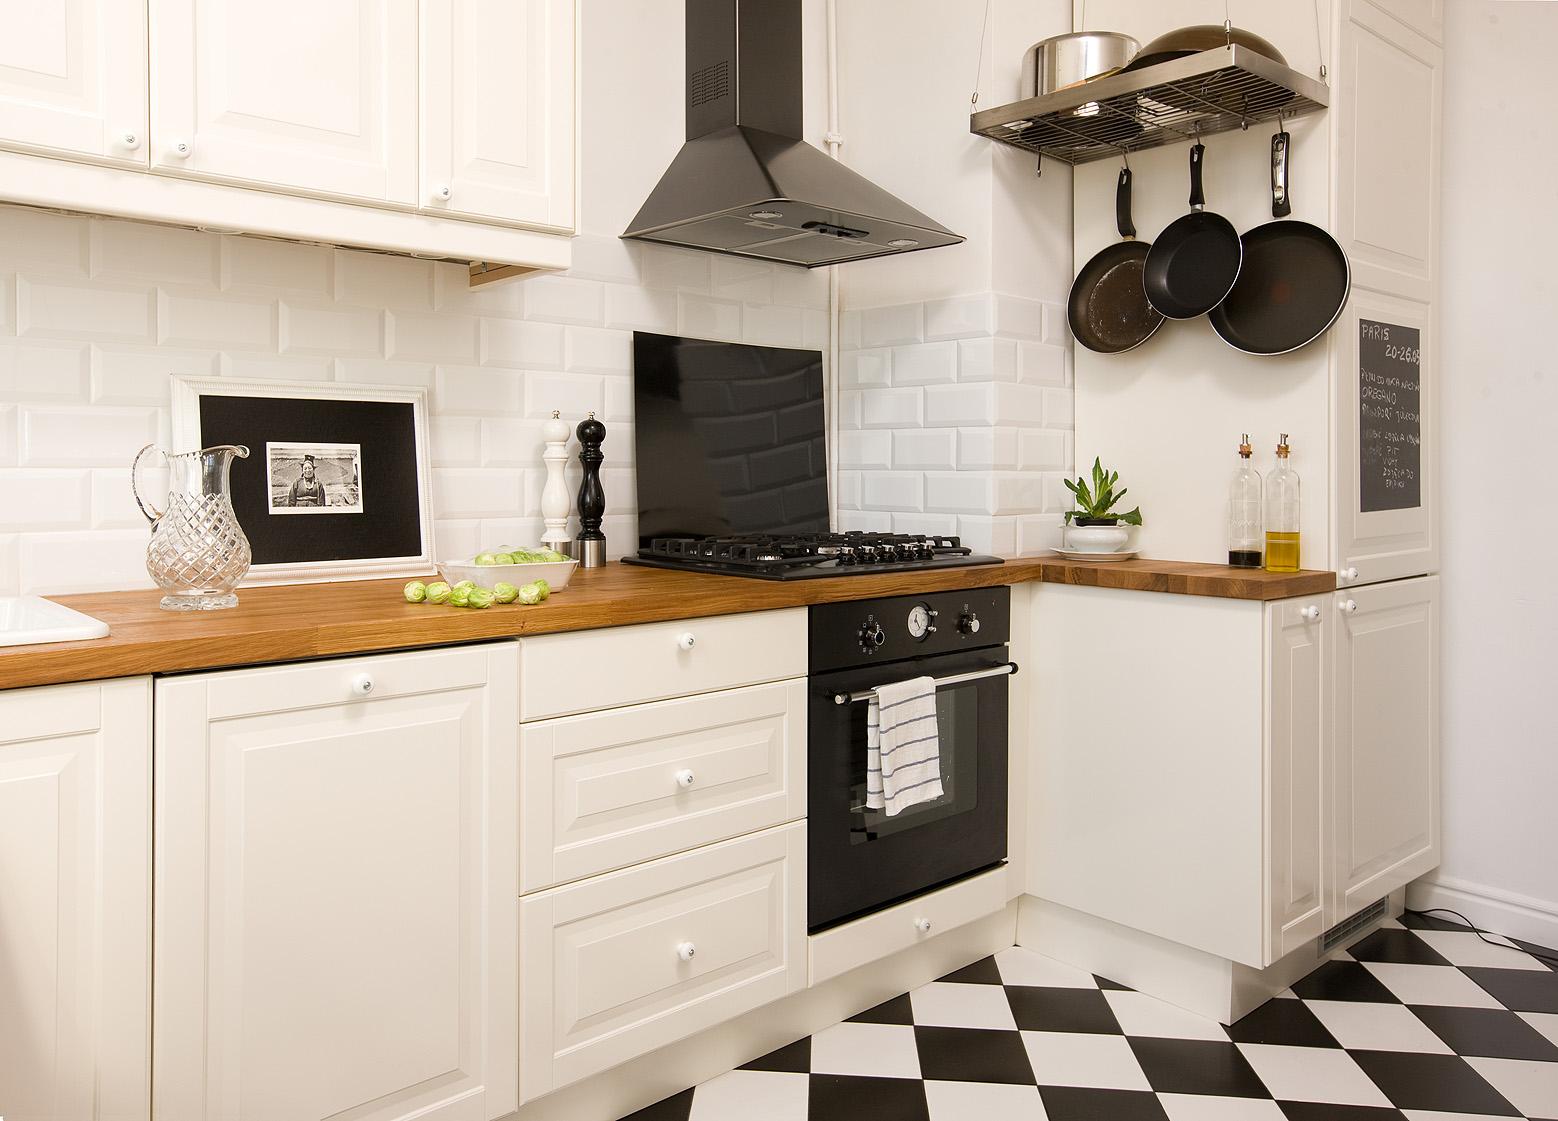 Kuchnie Z Ikea Opinie Zdjecia Montaz Etc Archiwum Strona 10